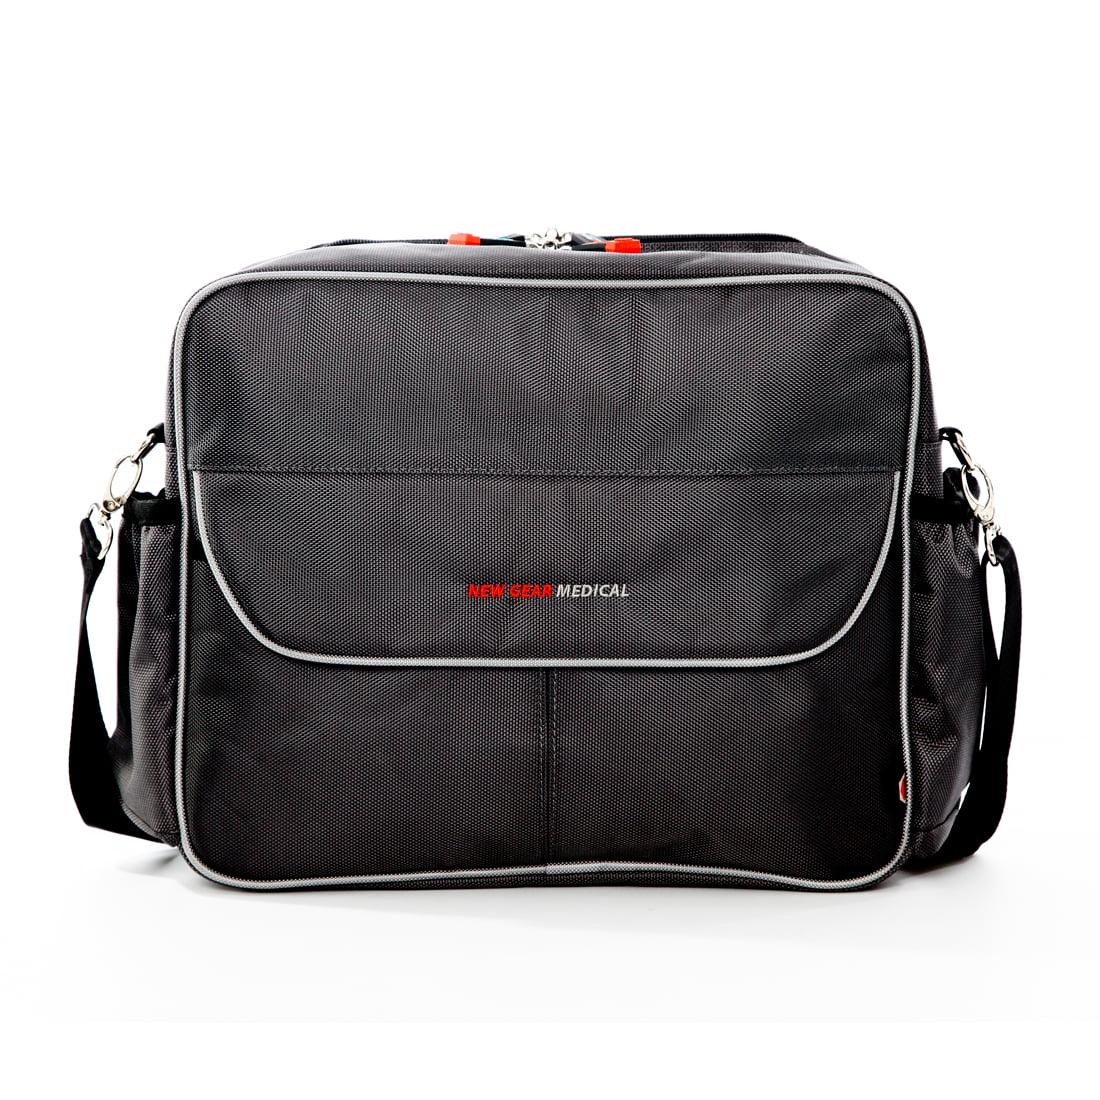 New Gear Medical Guardian Trusted Medical Shoulder Bag